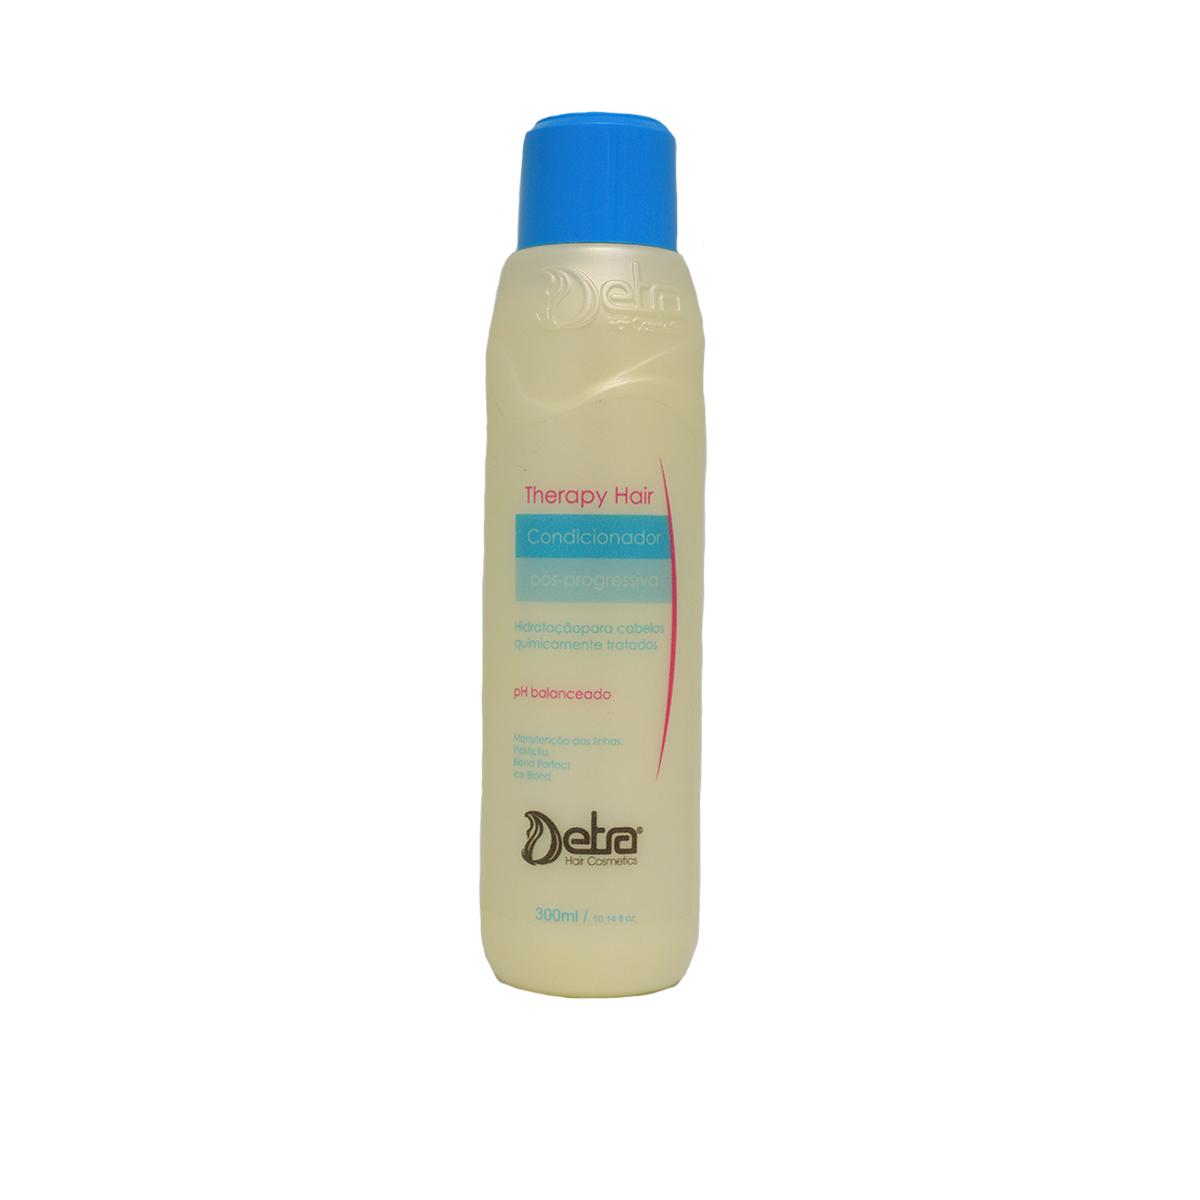 Detra Hair Cosmeticos Shampoo Therapy Hair Pós Progressiva 300ml